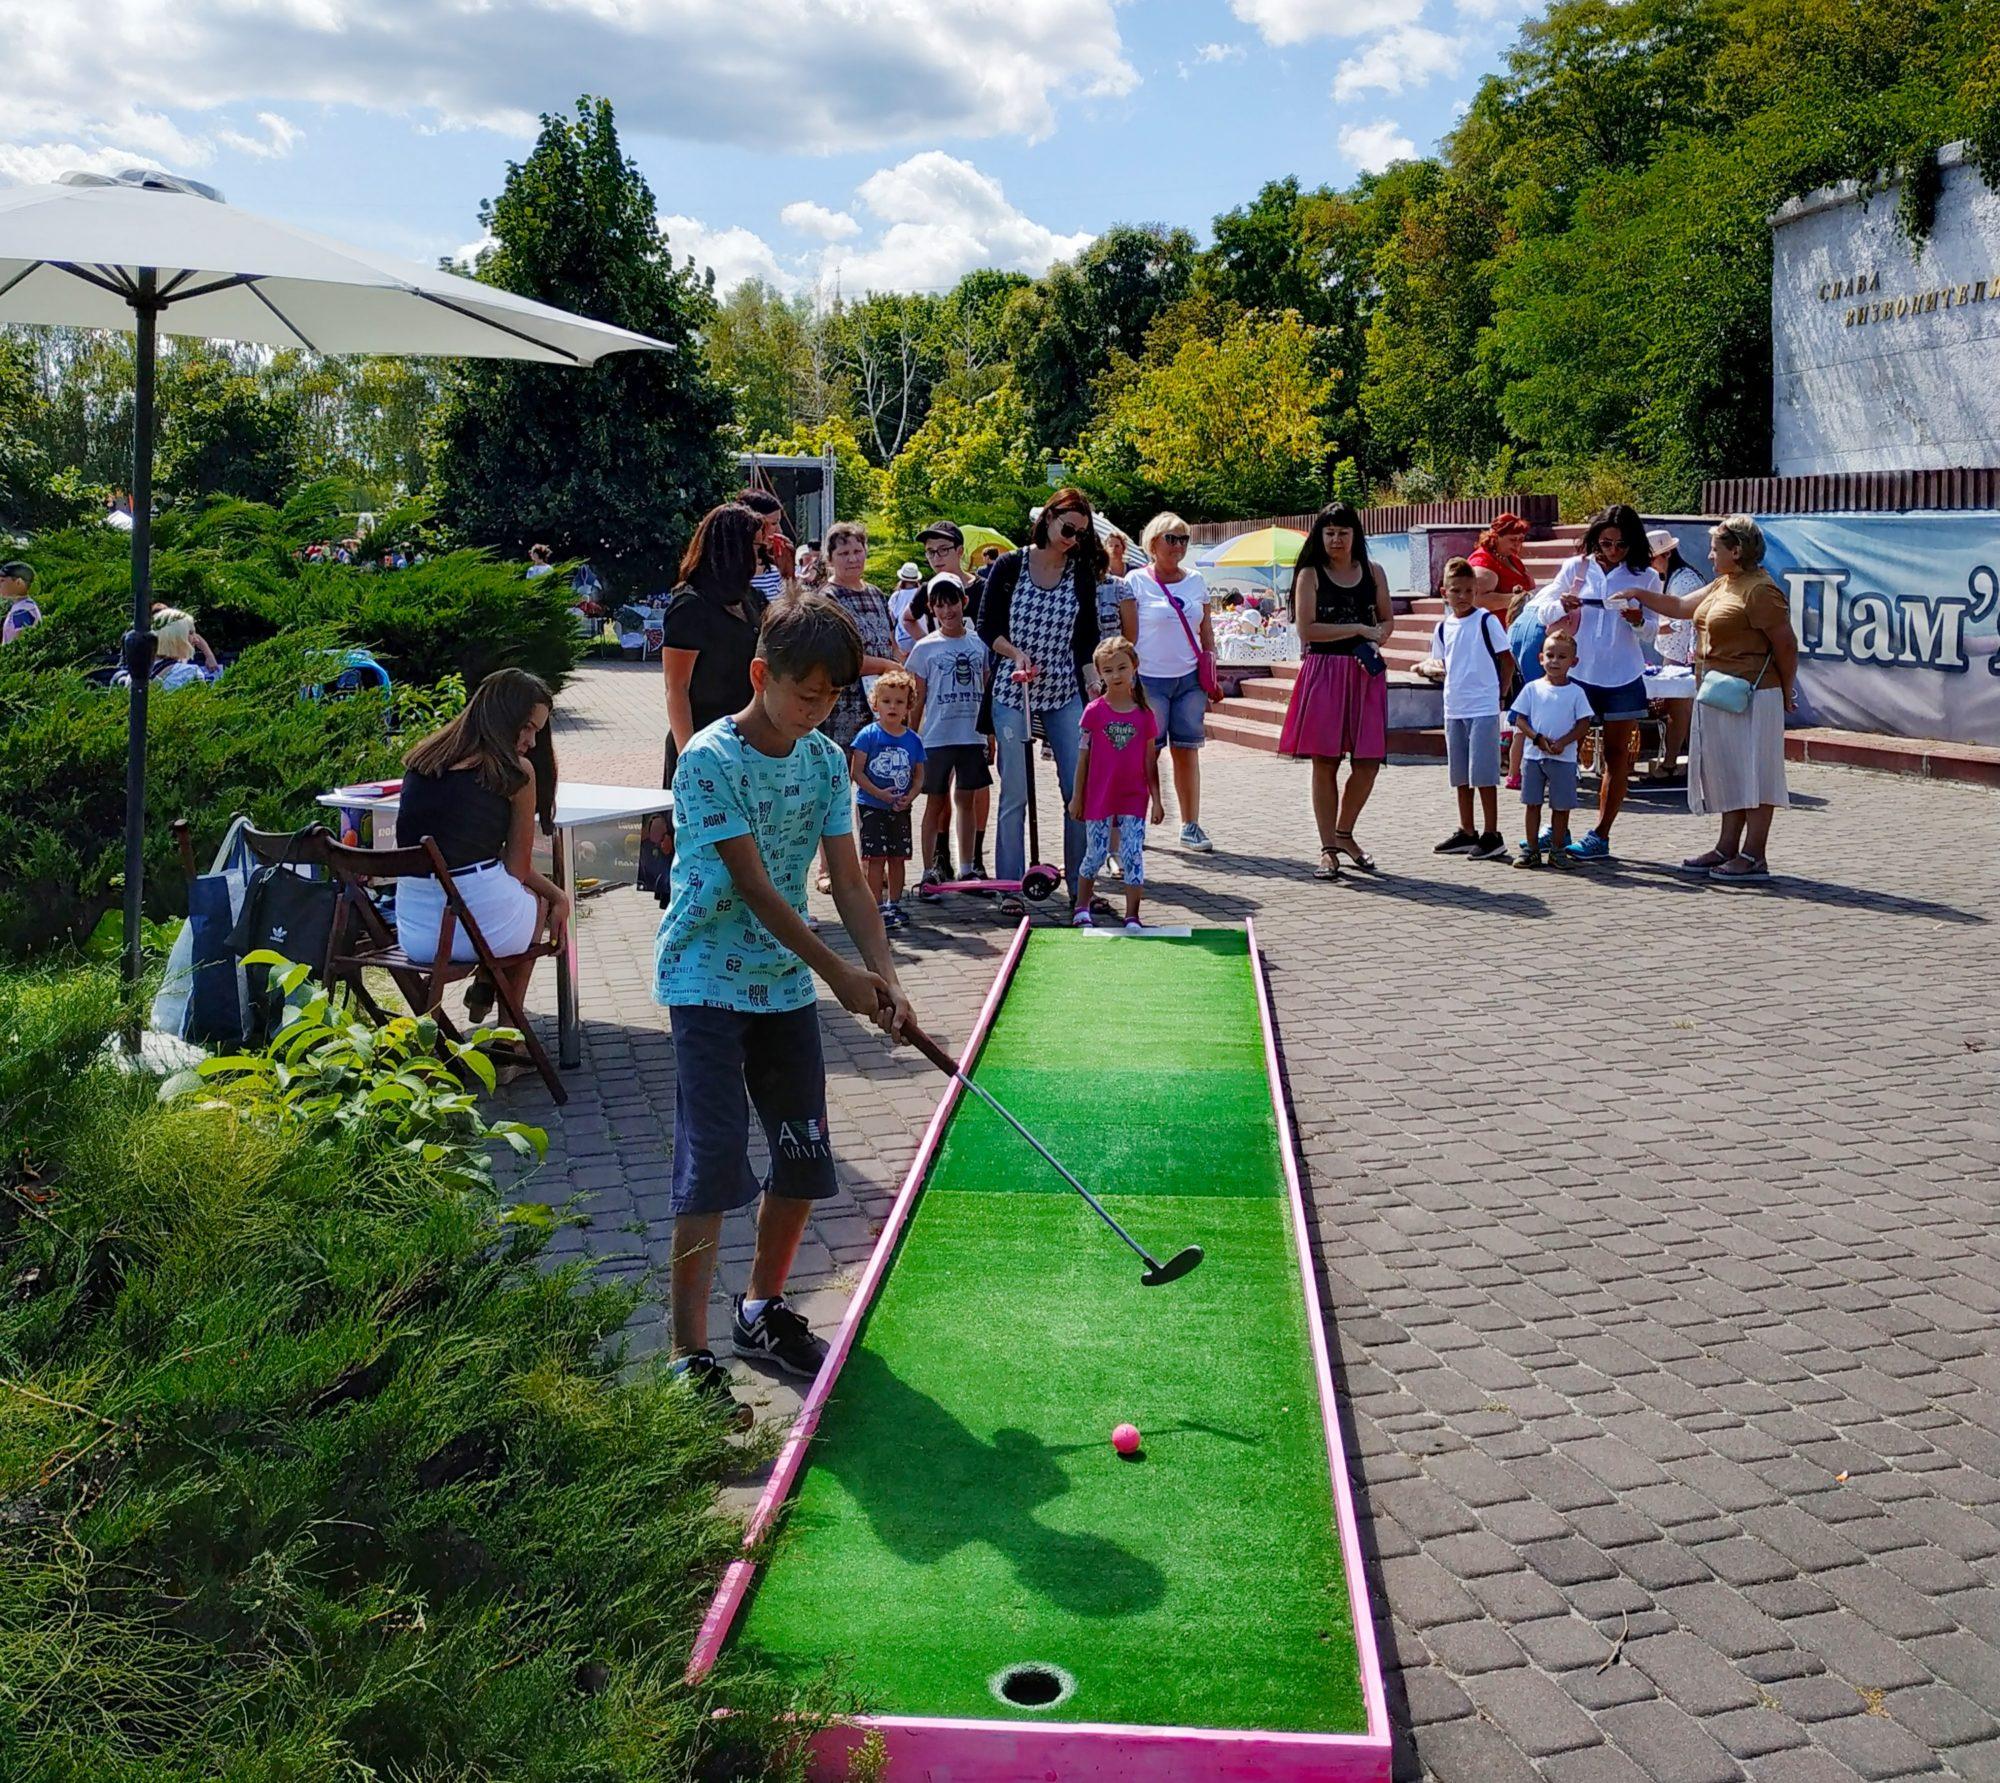 «Свято родинних традицій» у Вишгороді зібрало друзів і партнерів - Фестиваль, Вишгород - 0810 Ro Trad golf 2000x1783